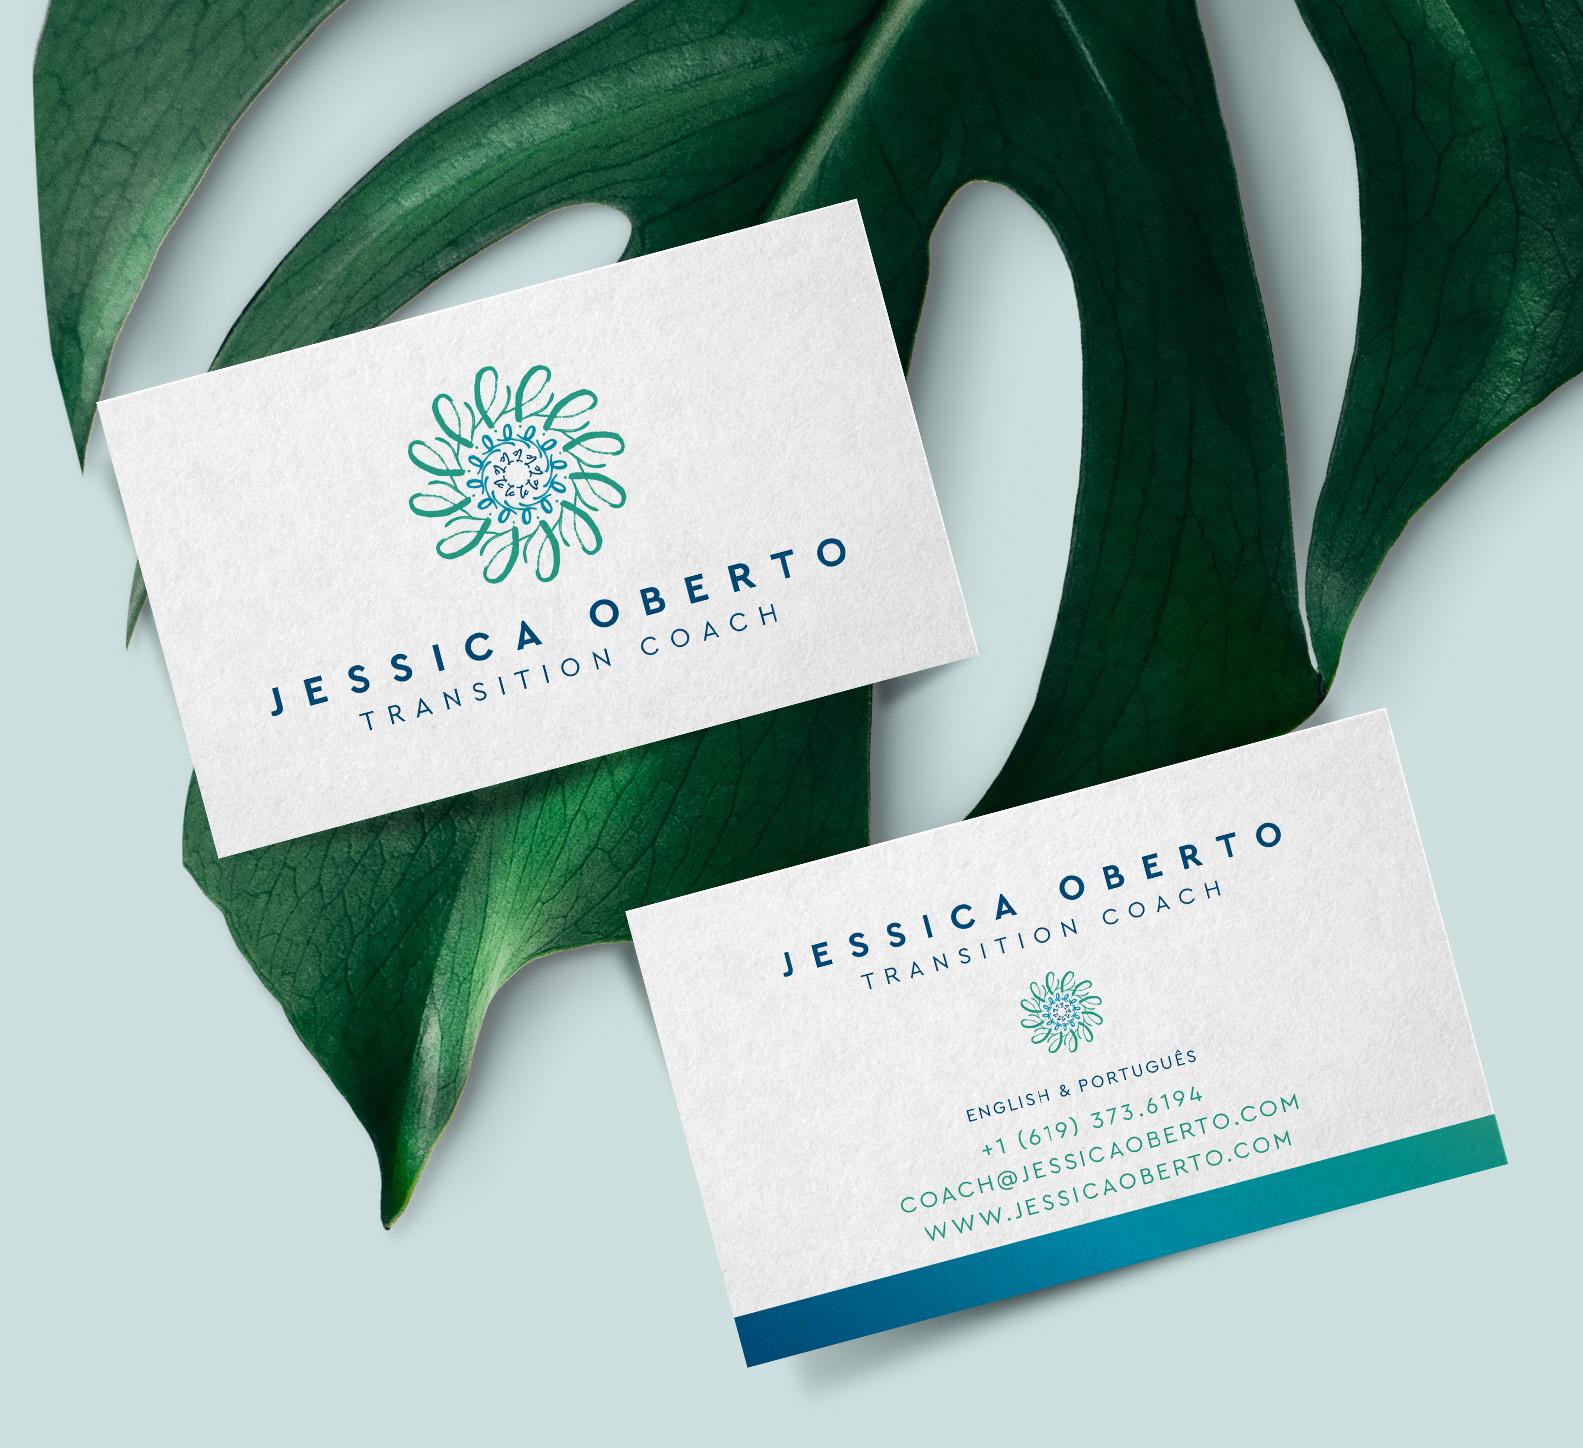 Business-Card-Jessica-Oberto.jpg